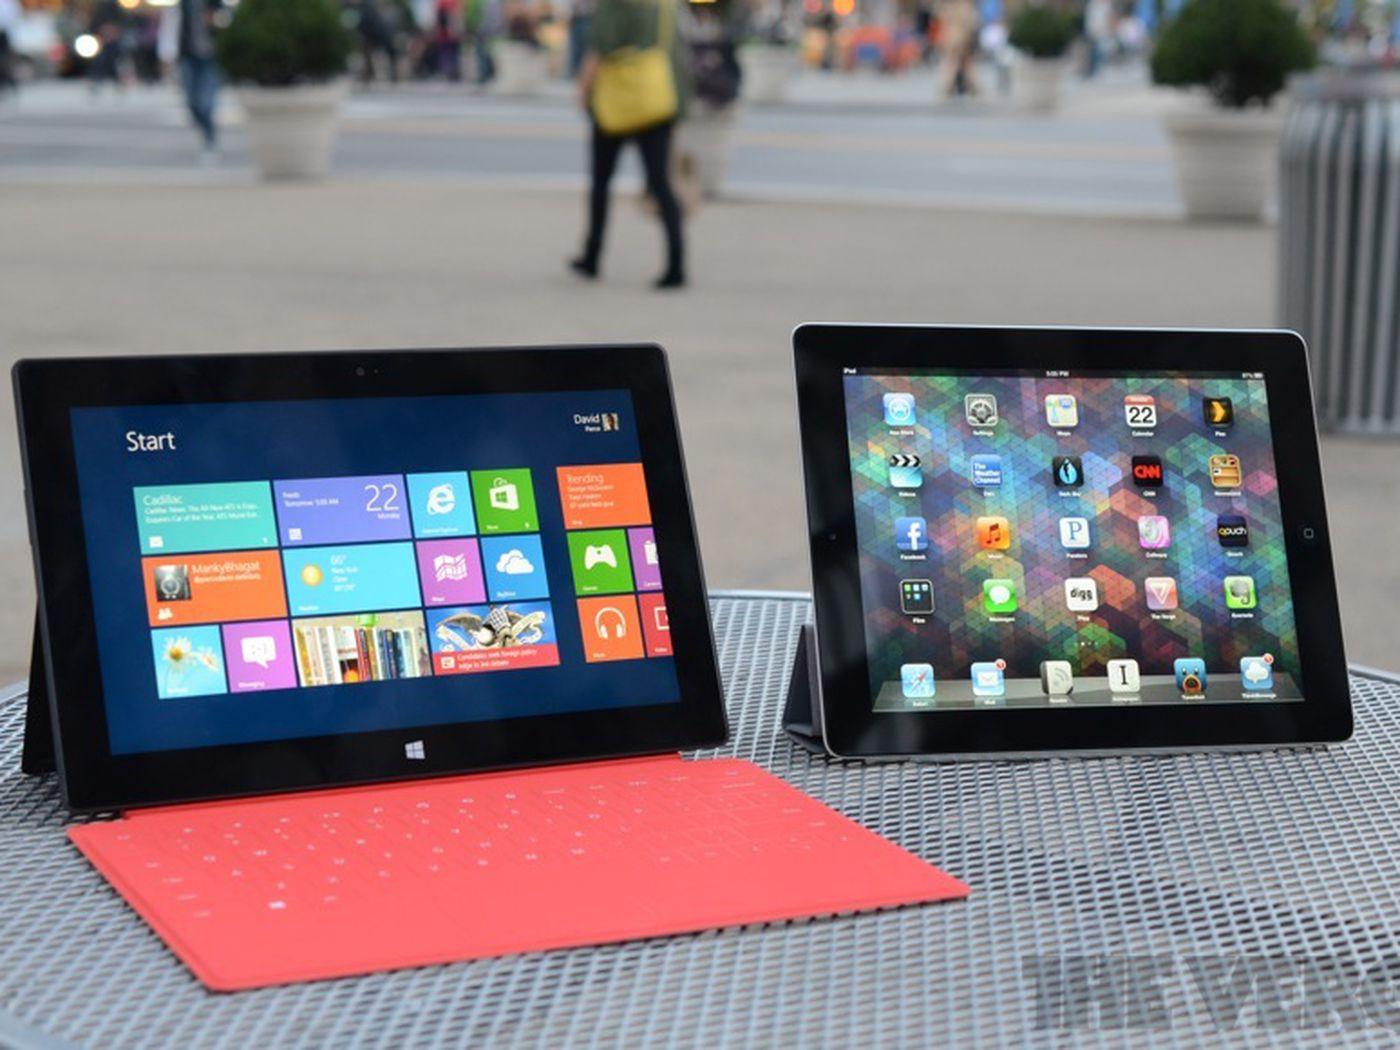 Microsoft launches iPad comparison site for Windows 8